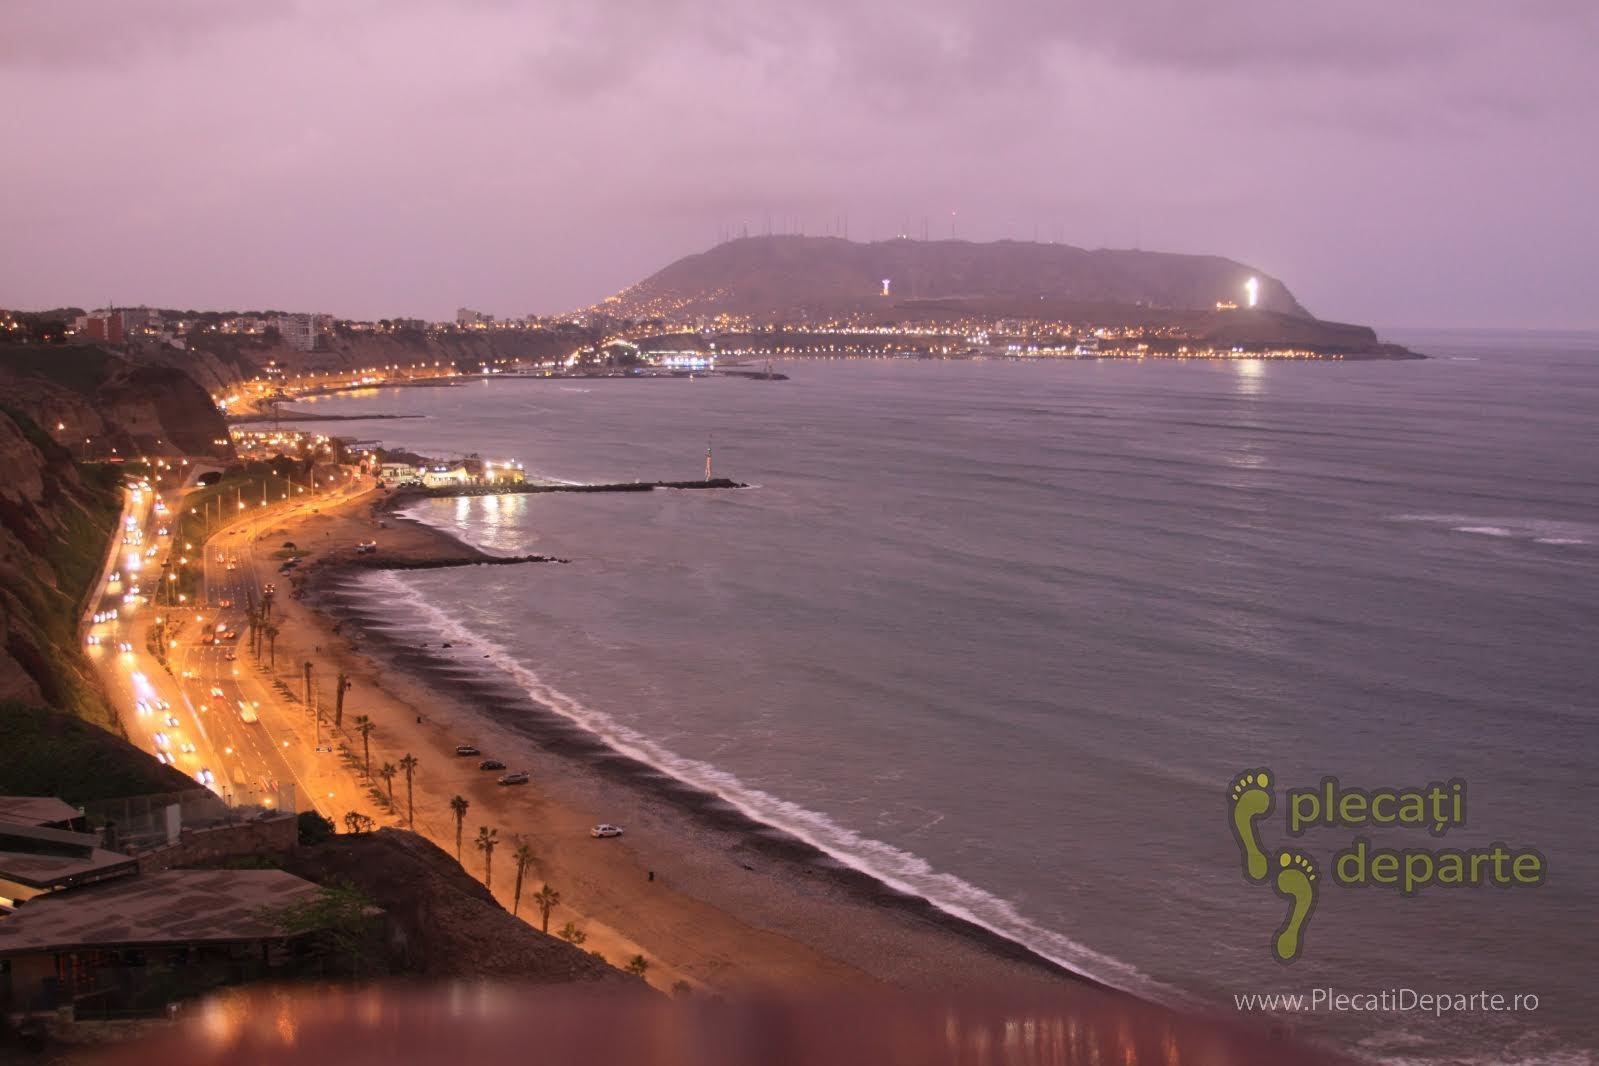 vedere spe ocean, din Larcomar, in cartierul Miraflores, in zona centrala a orasului Lima, capitala Peru